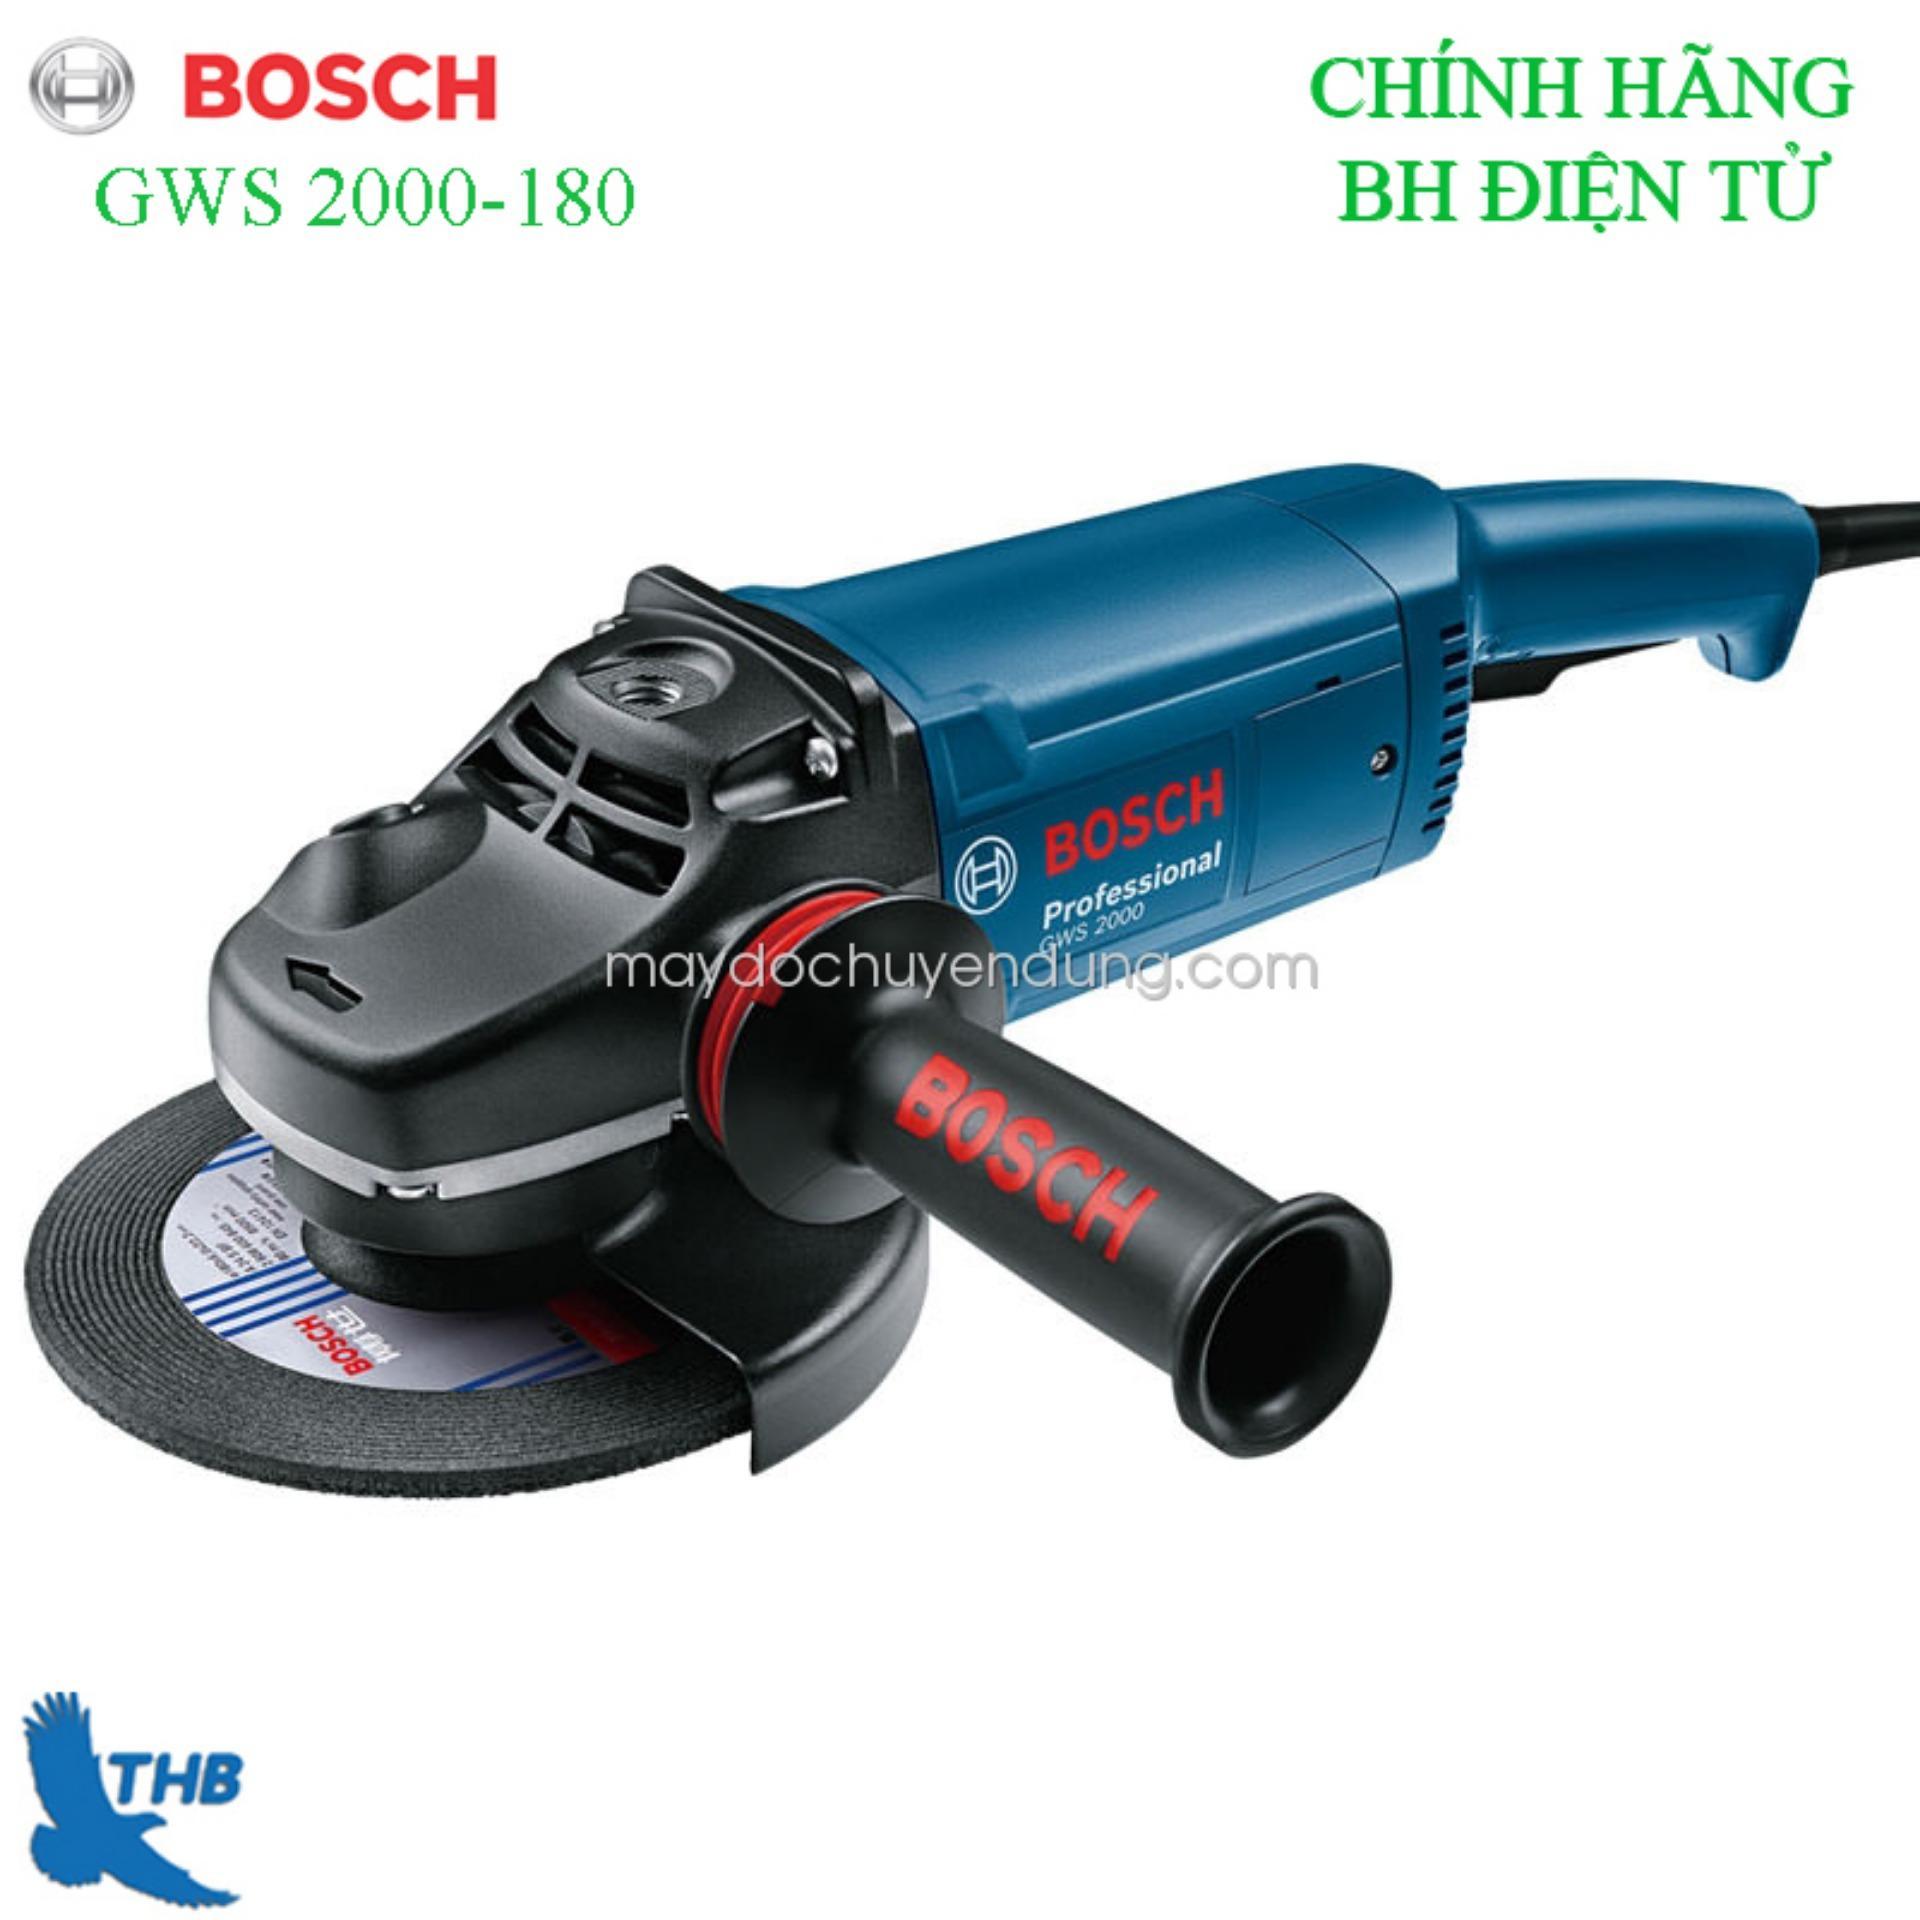 Máy mài góc lớn Bosch GWS 2000-180